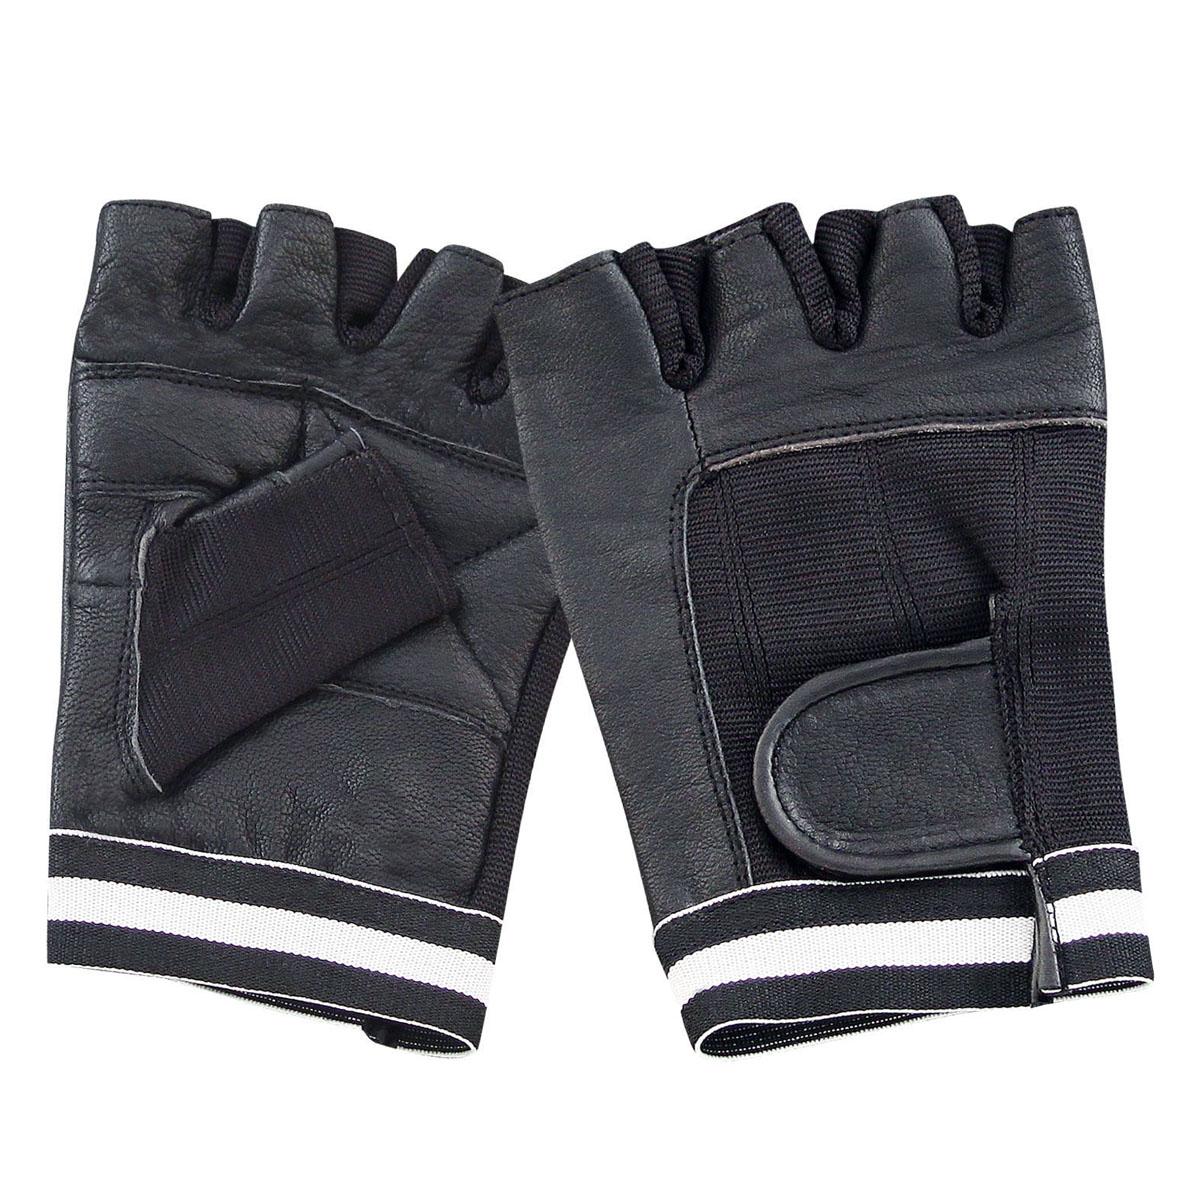 Fingerless driving gloves ebay -  2 49